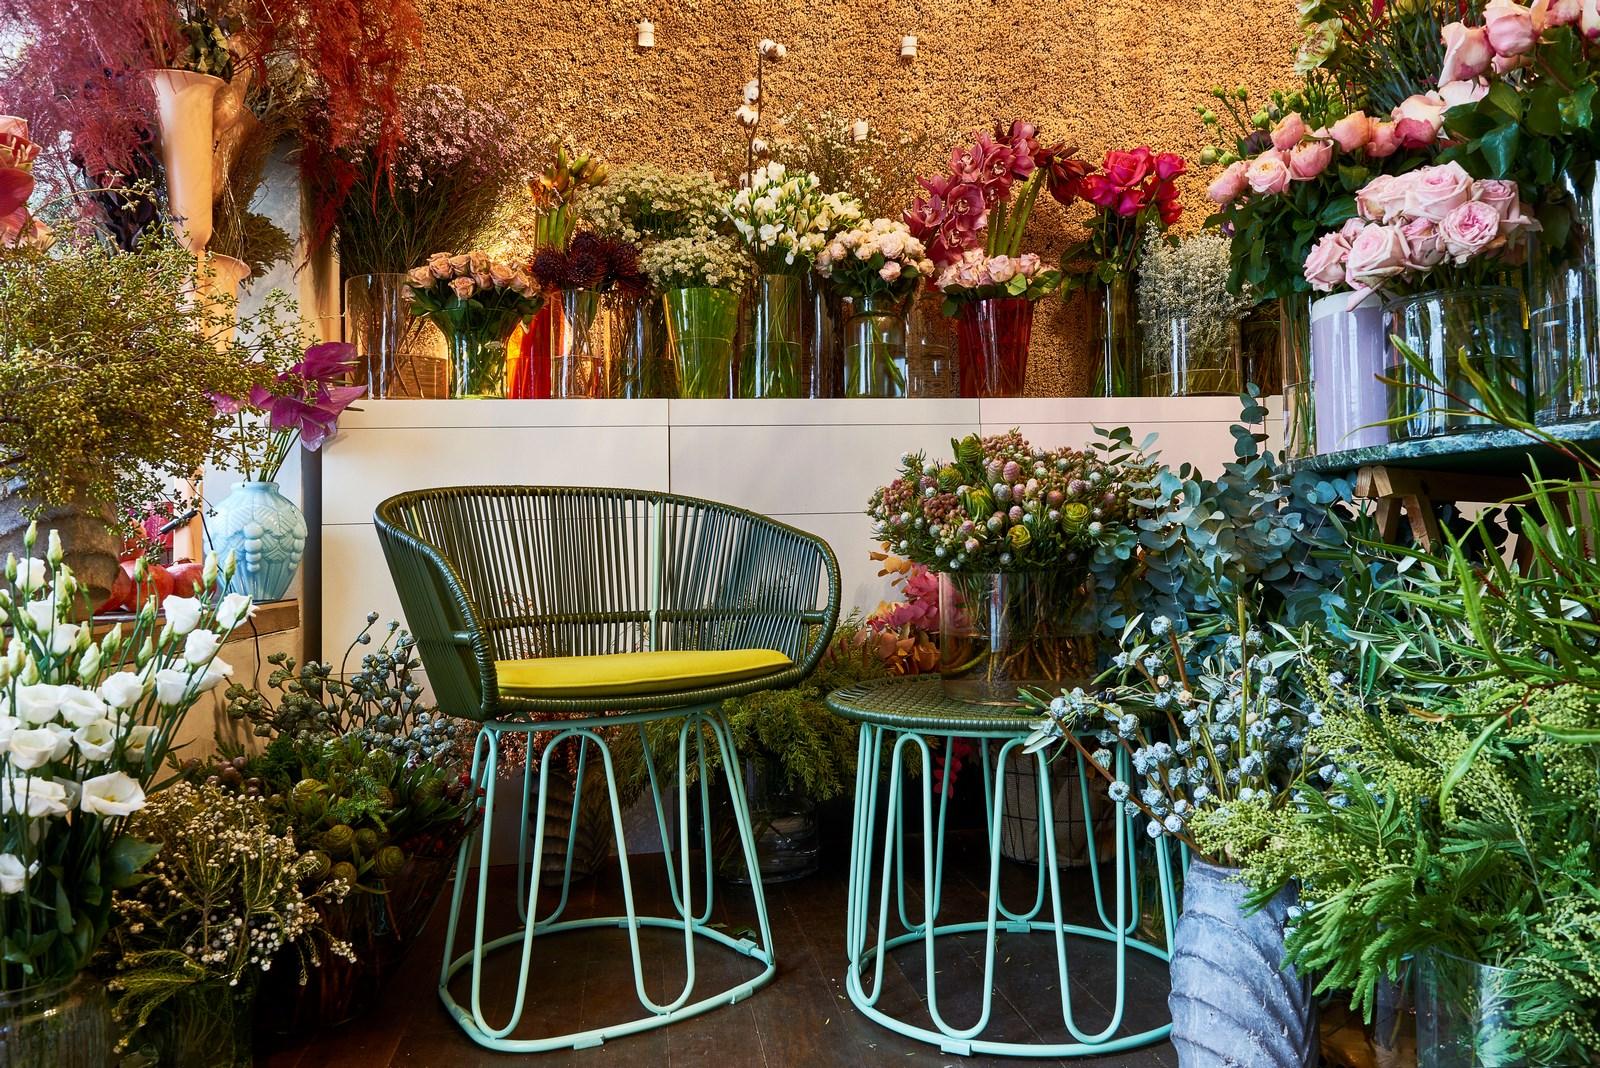 La nueva silla y mesa auxiliar Circo, de Sebastian Herkner (realizadas por Ames). (Foto: far.design; Koelnmesse)